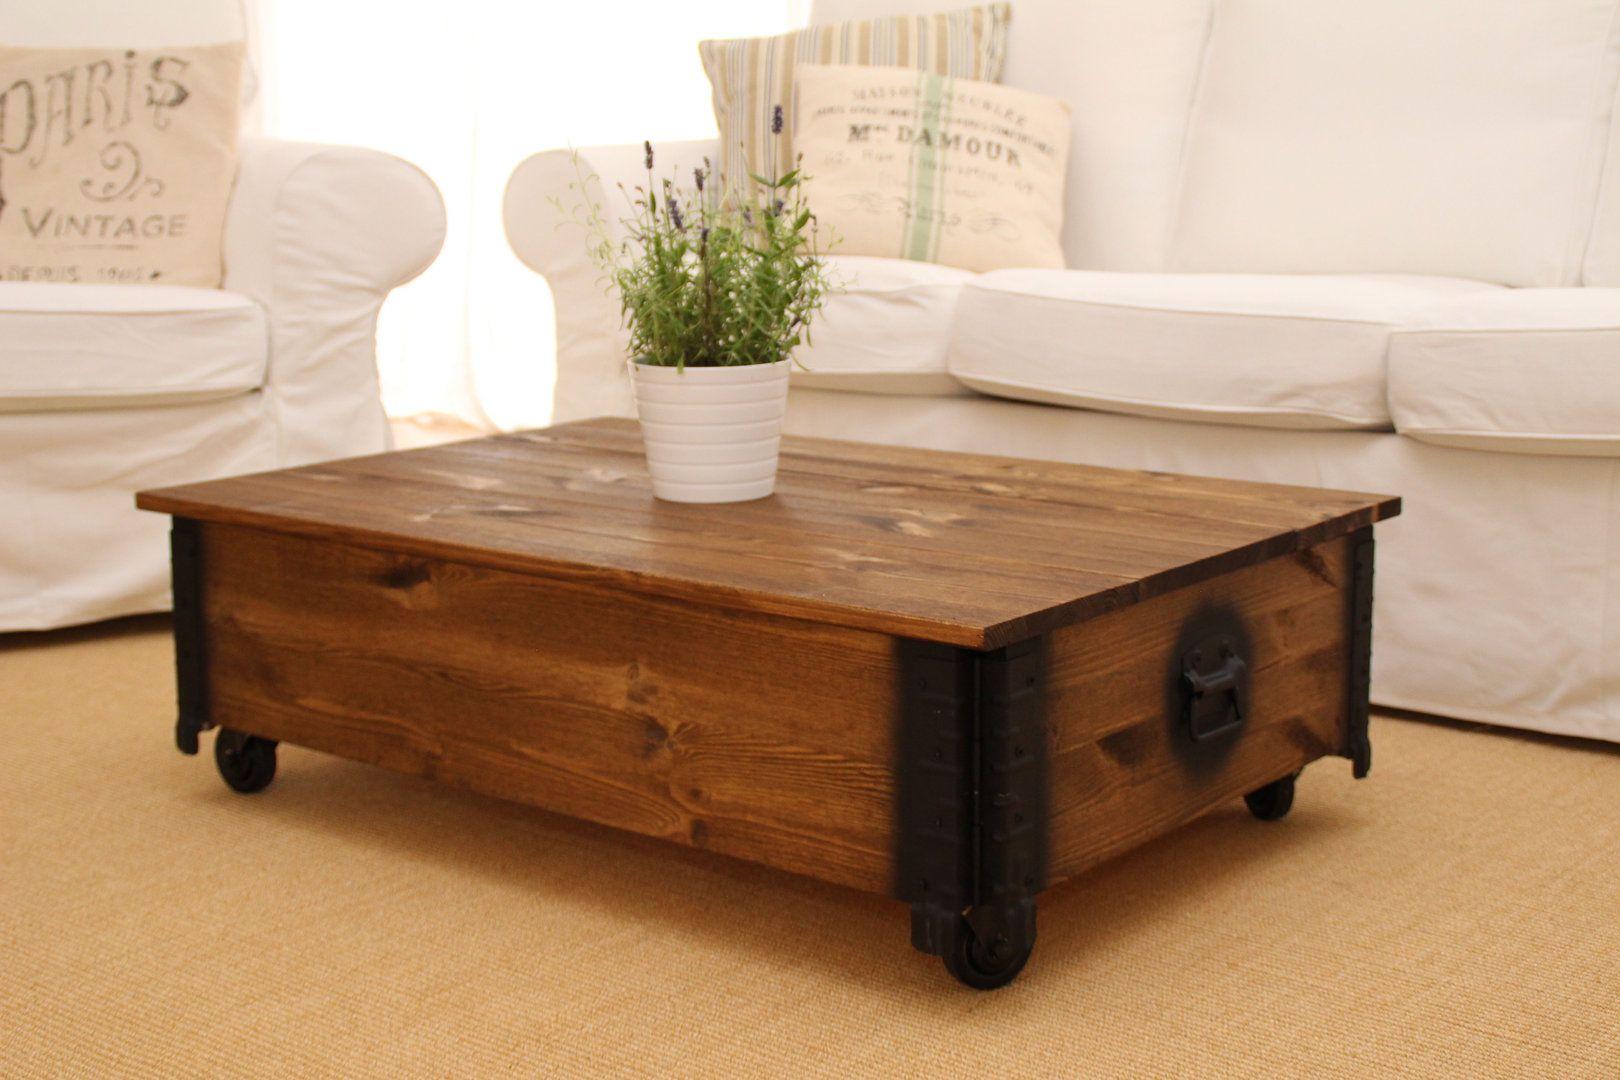 ikea couchtisch dunkel couchtisch quadratisch hay 110 x glas bicolor paletten selber bauen. Black Bedroom Furniture Sets. Home Design Ideas